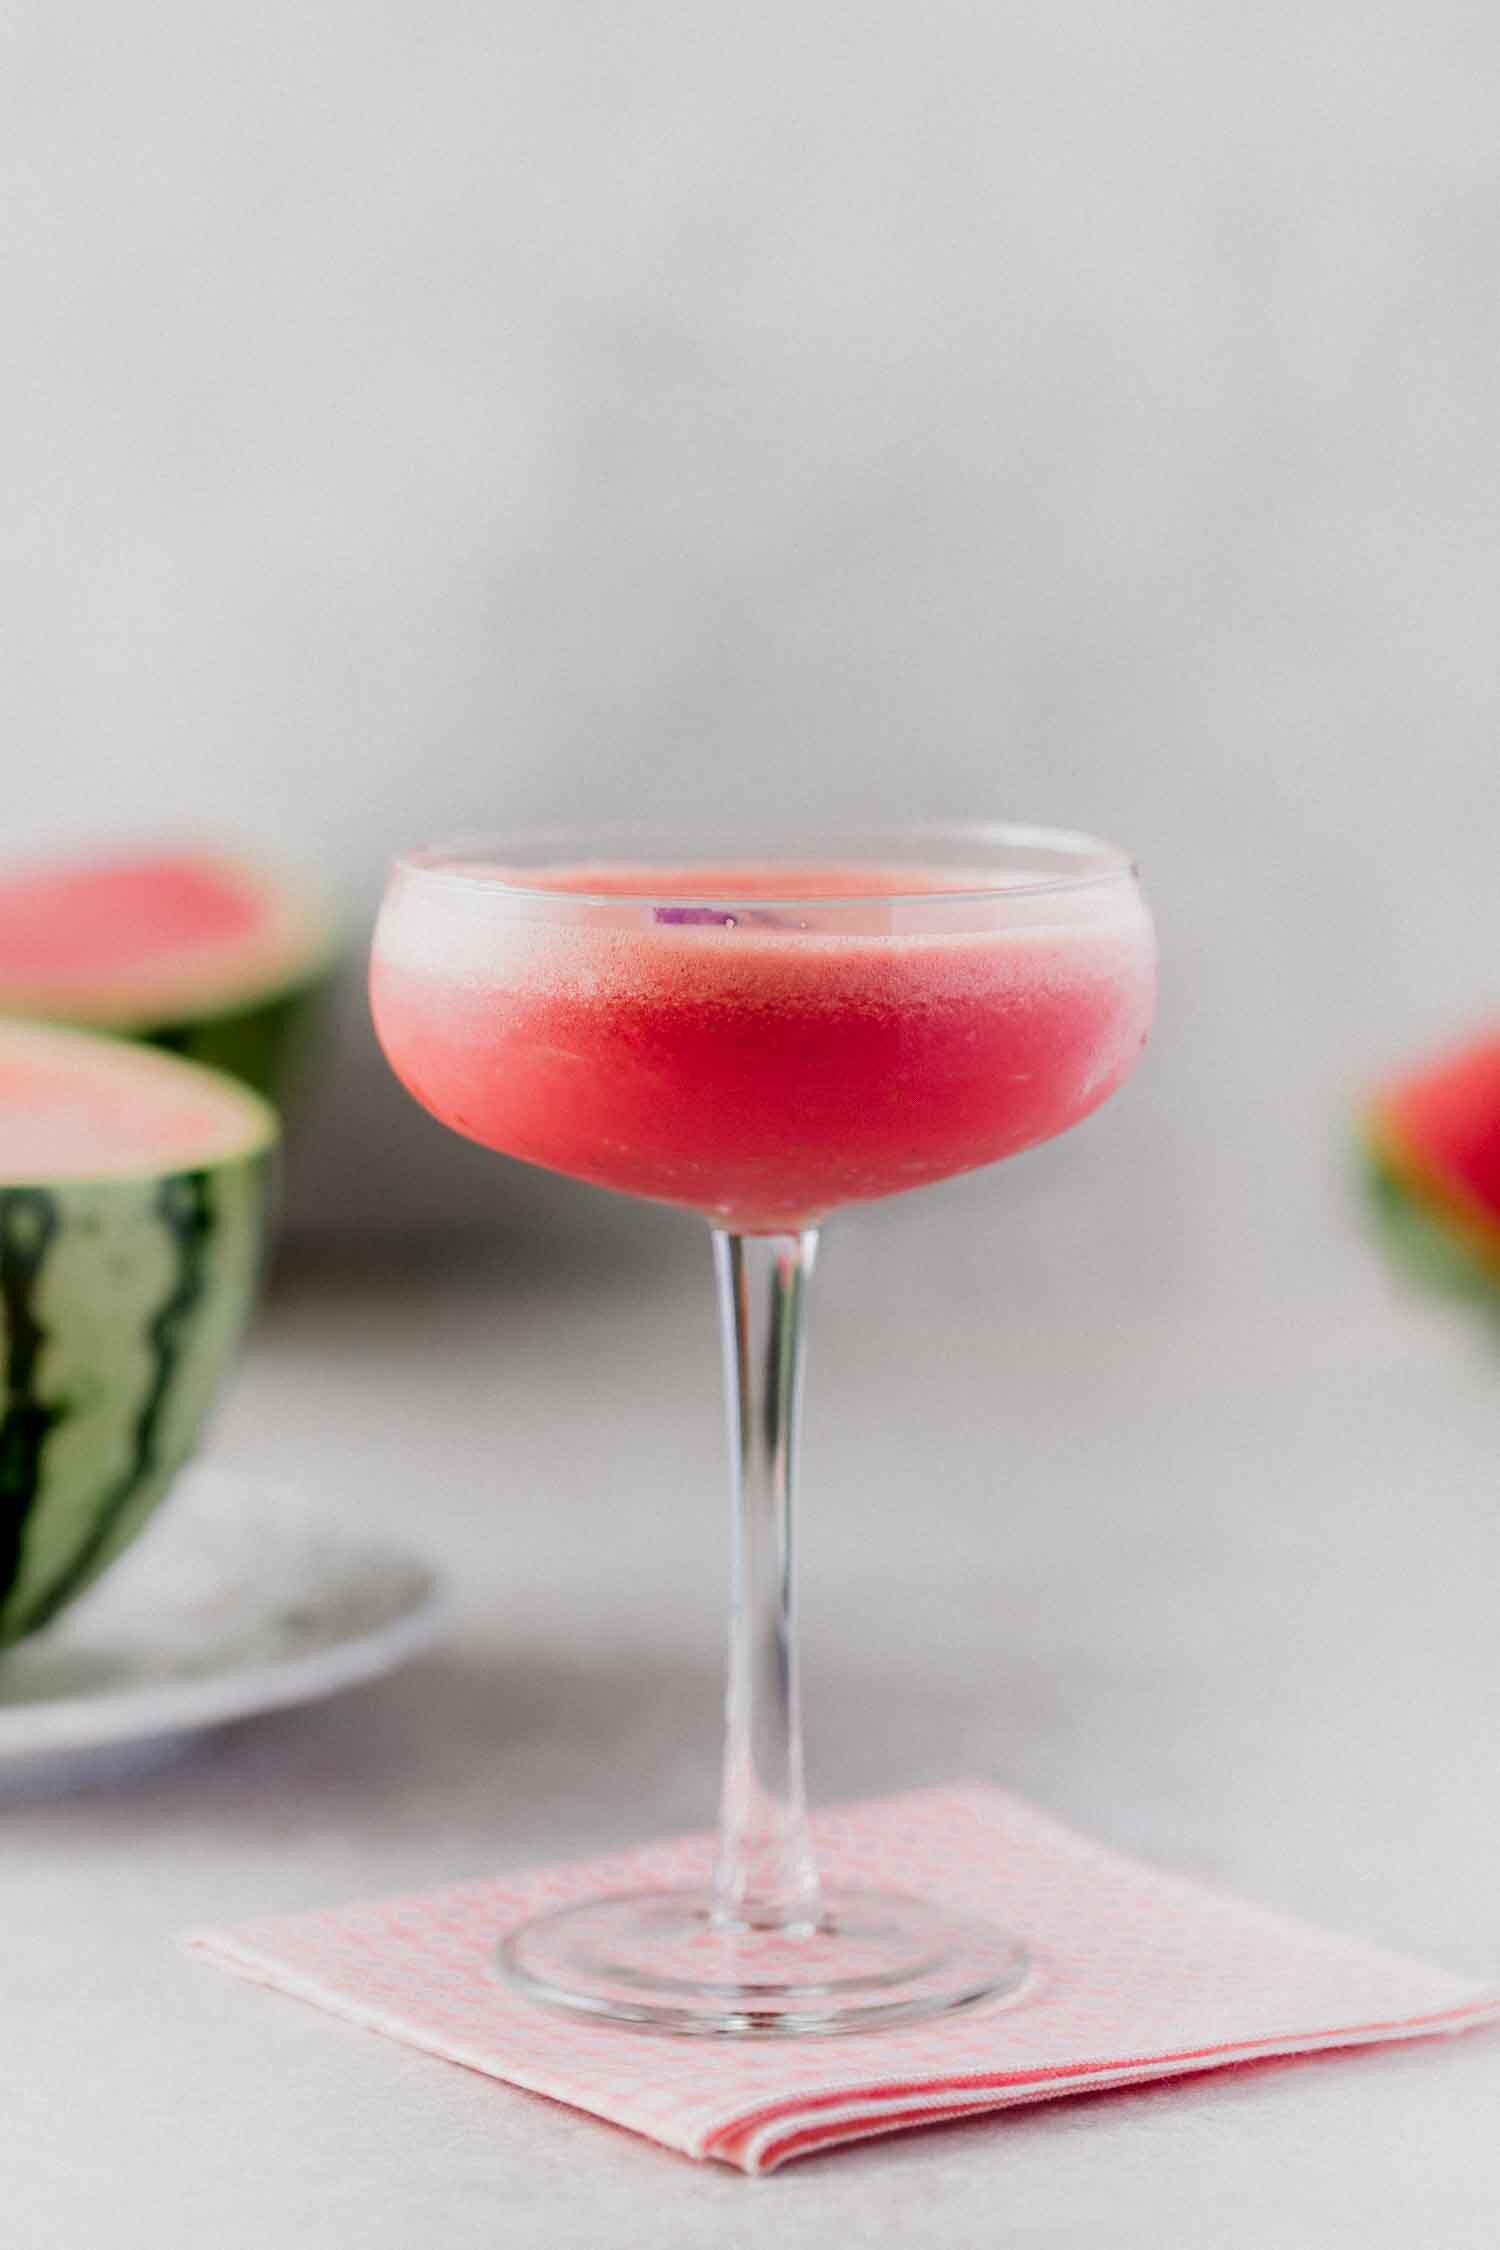 Lavender Watermelon Daiquiri recipe - a summer cocktail or mocktail by Kari of Beautiful Ingredient. #mocktail #cocktail #summerdrink #drink #watermelon #lavender #summerdrinksalcohol #summerdrinksnonalcoholic #daiquiri